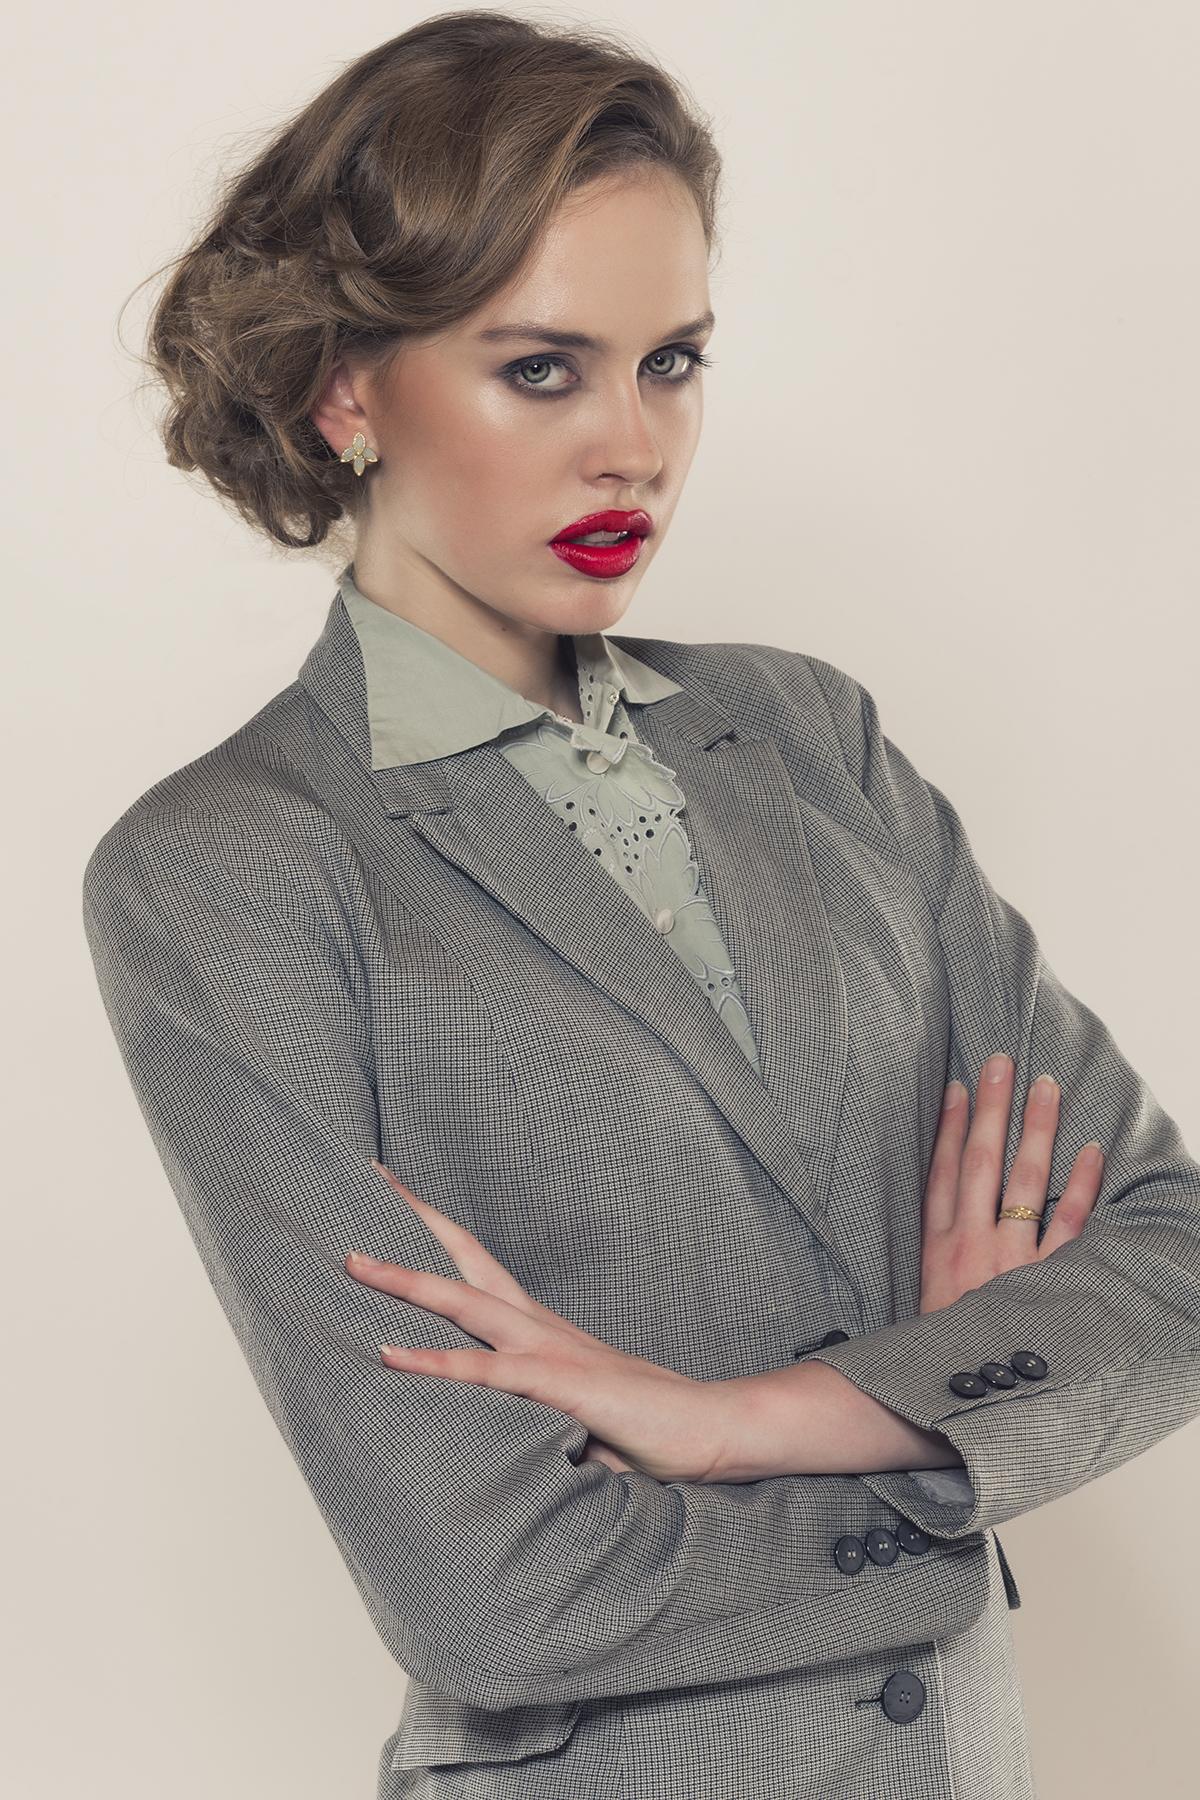 Damenmode 1940 präsentiert vom Model und Autorin Laura Kipfer